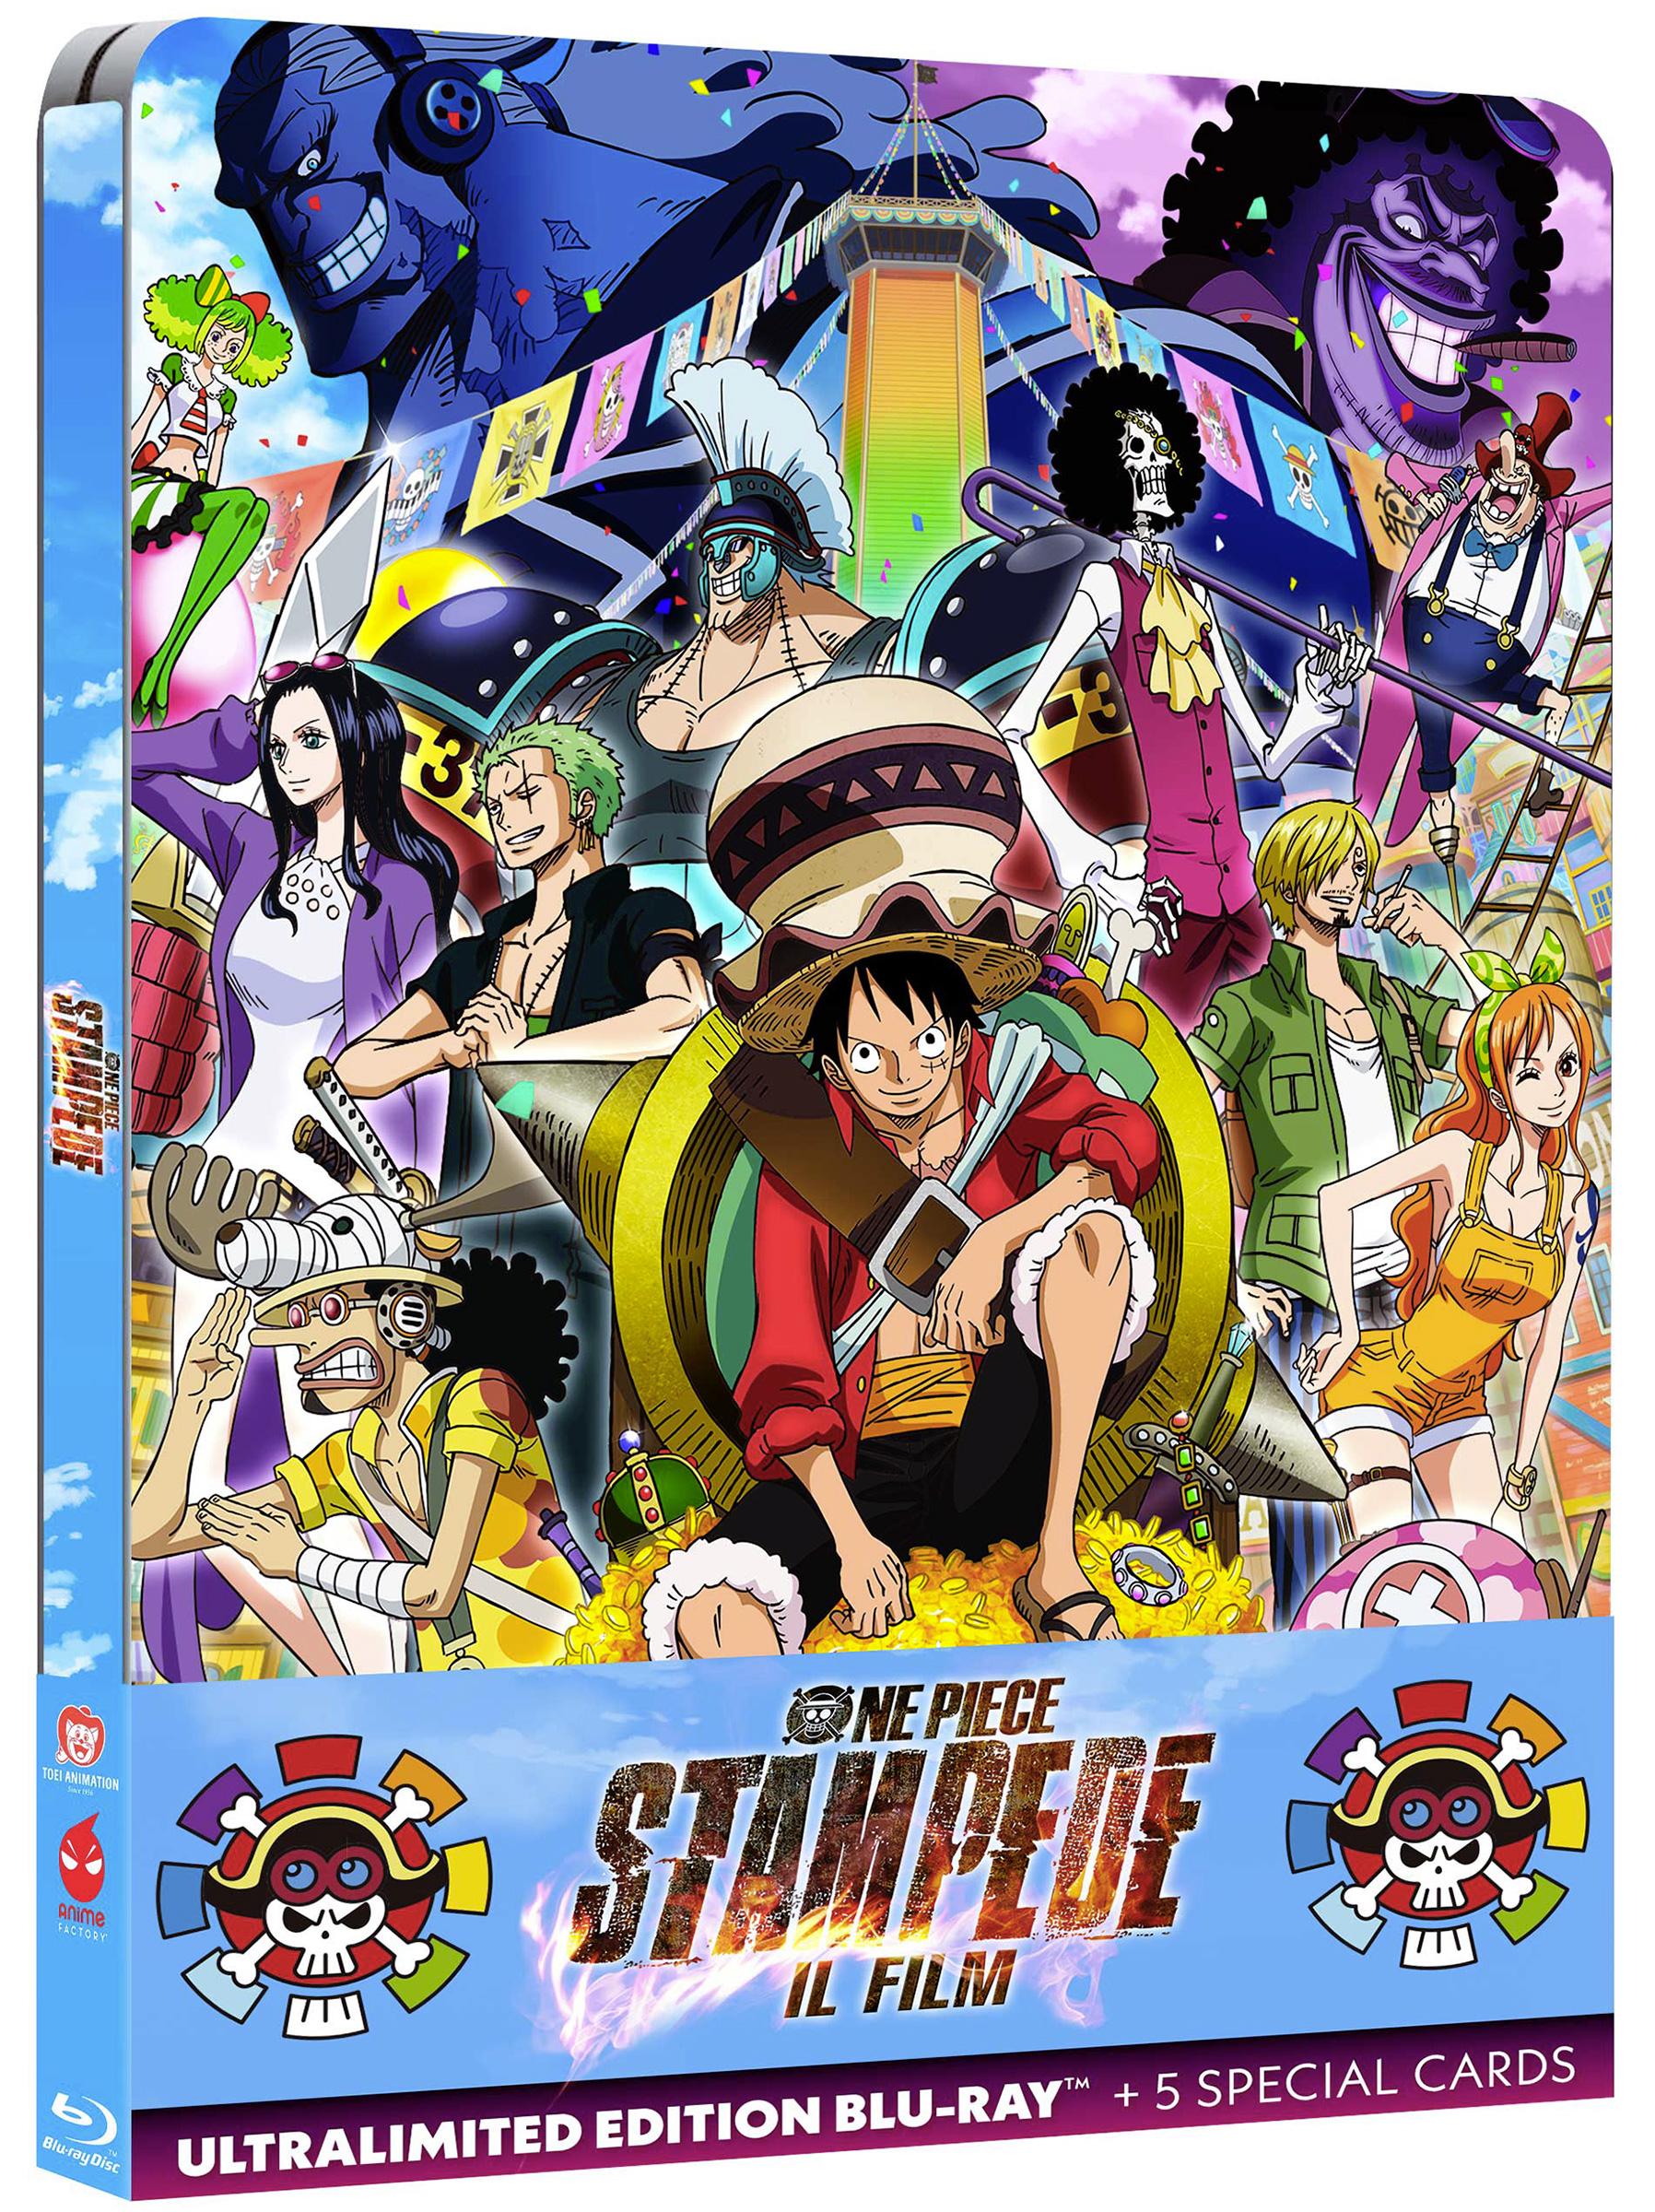 One Piece: STAMPEDE – Il Film